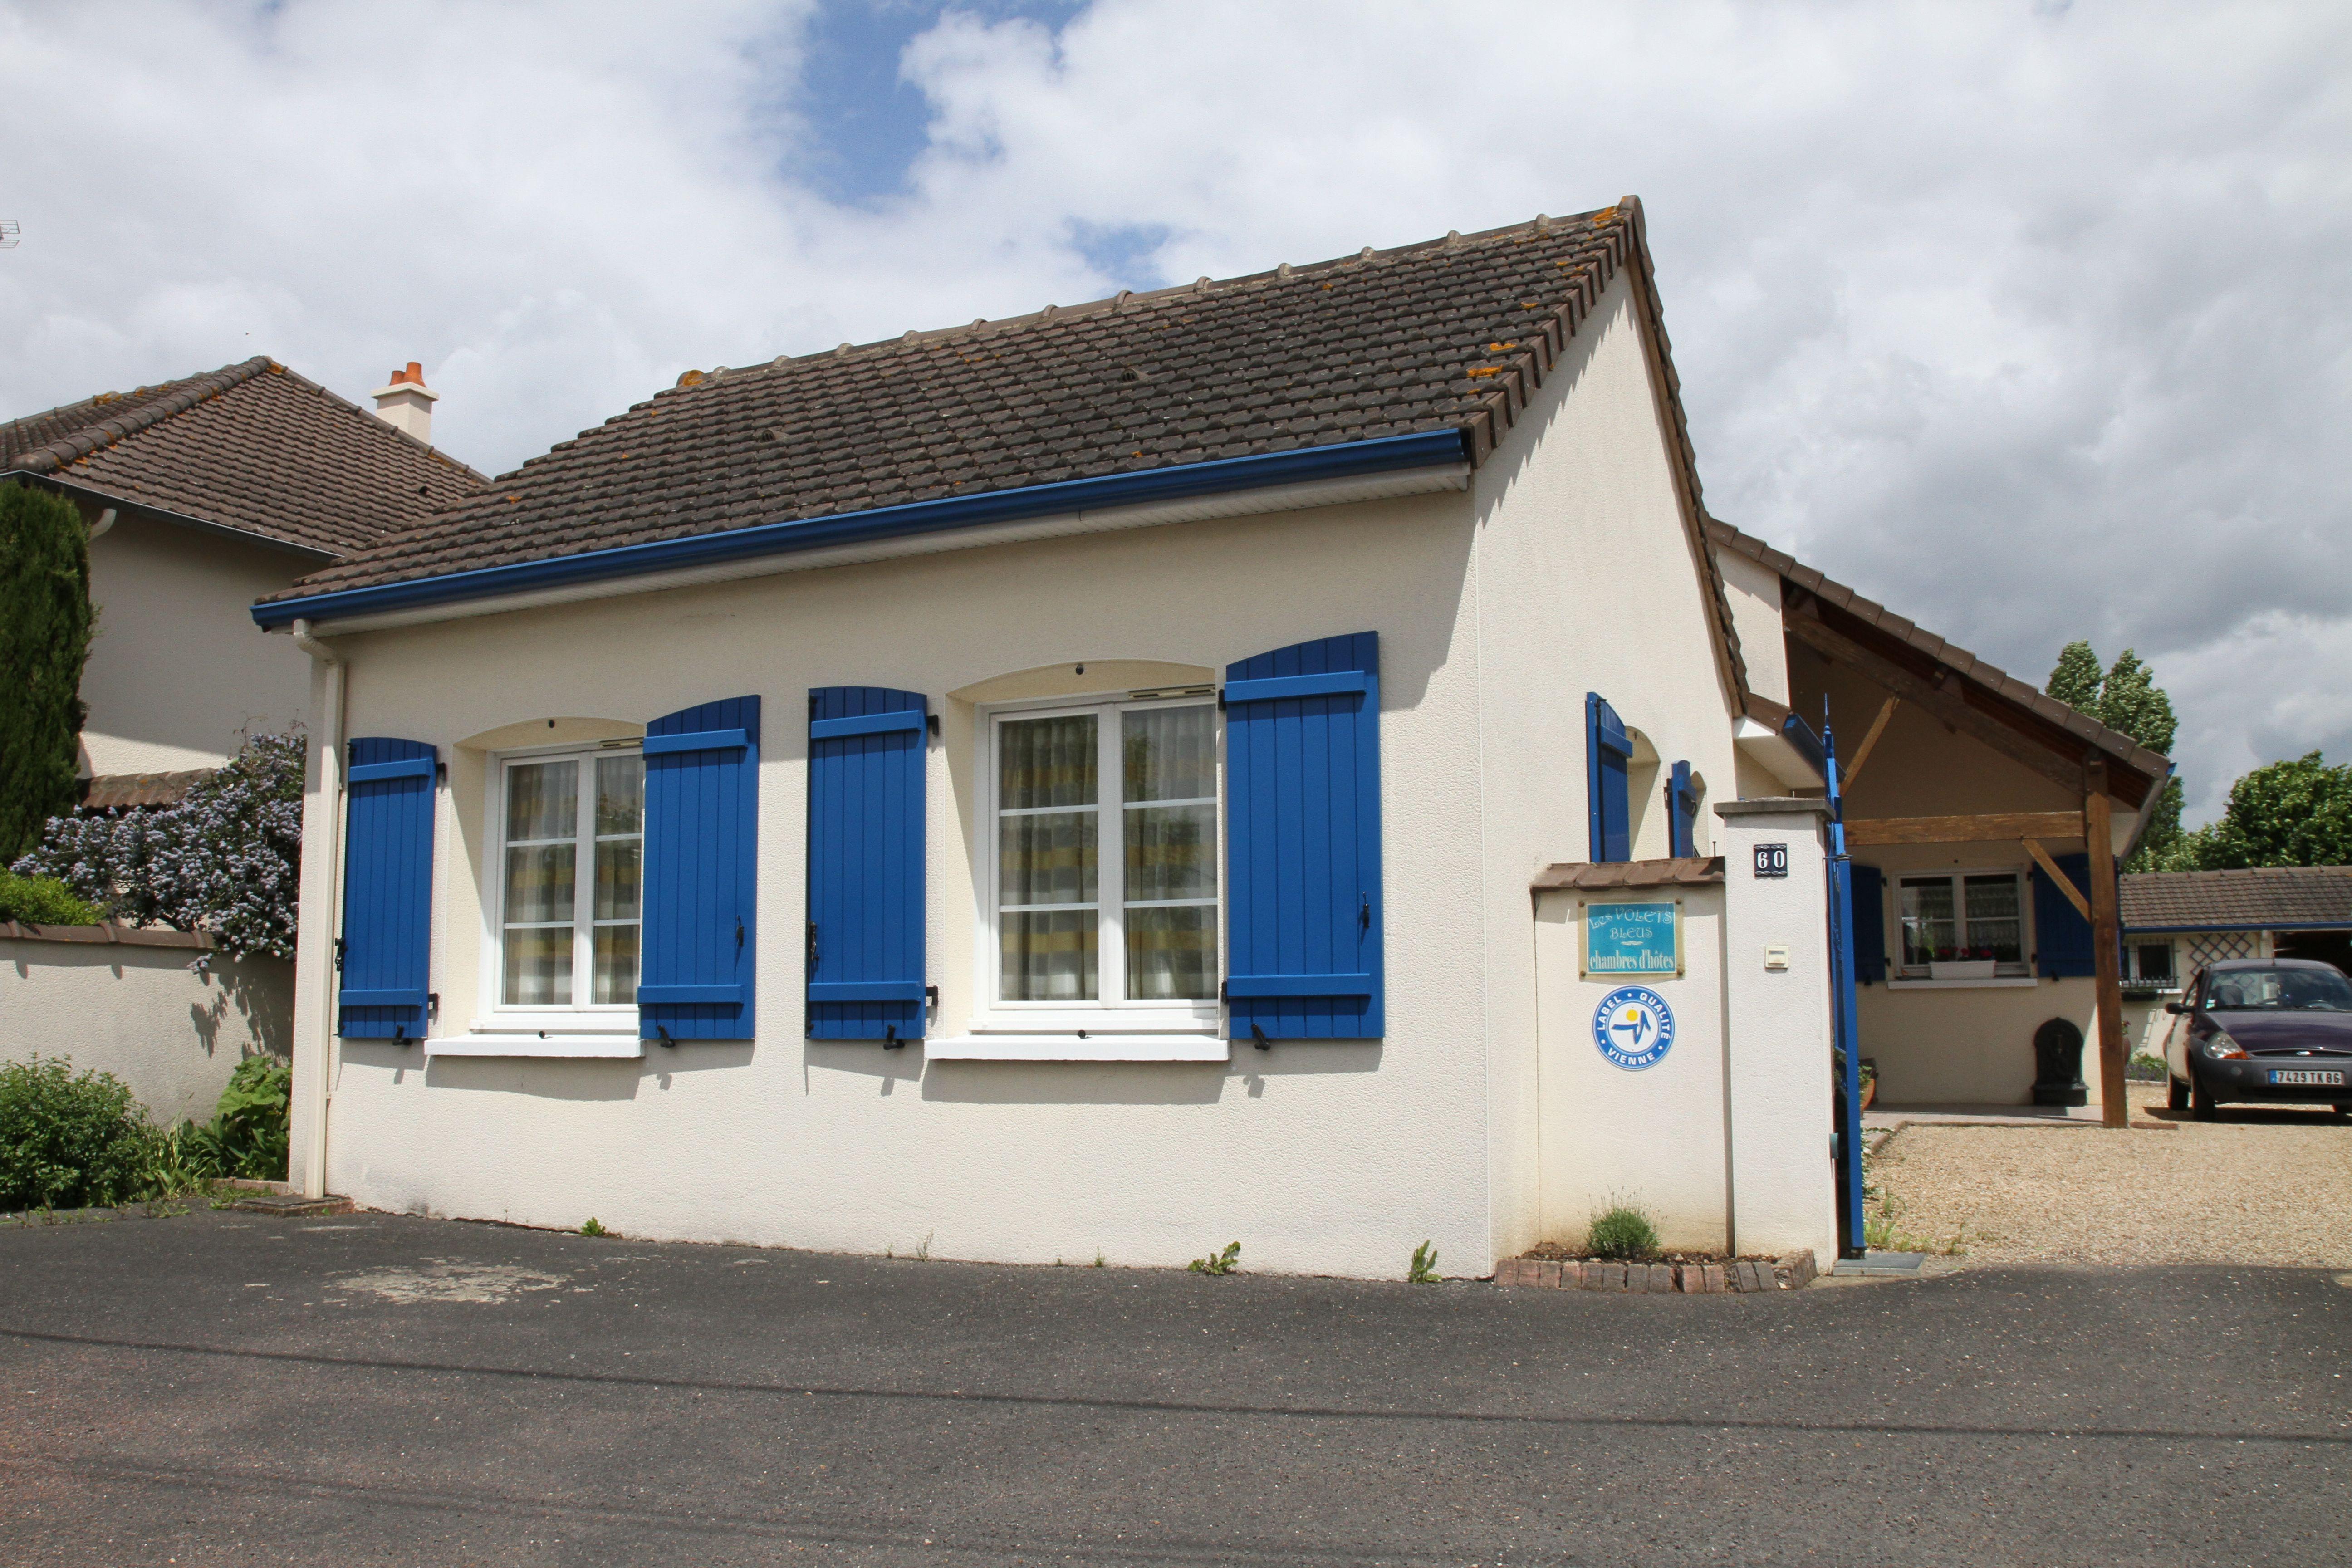 Les Volets Bleus Profitez De Chambres D'Hôtes Agréables encequiconcerne Chambre D Hotes Les Vans